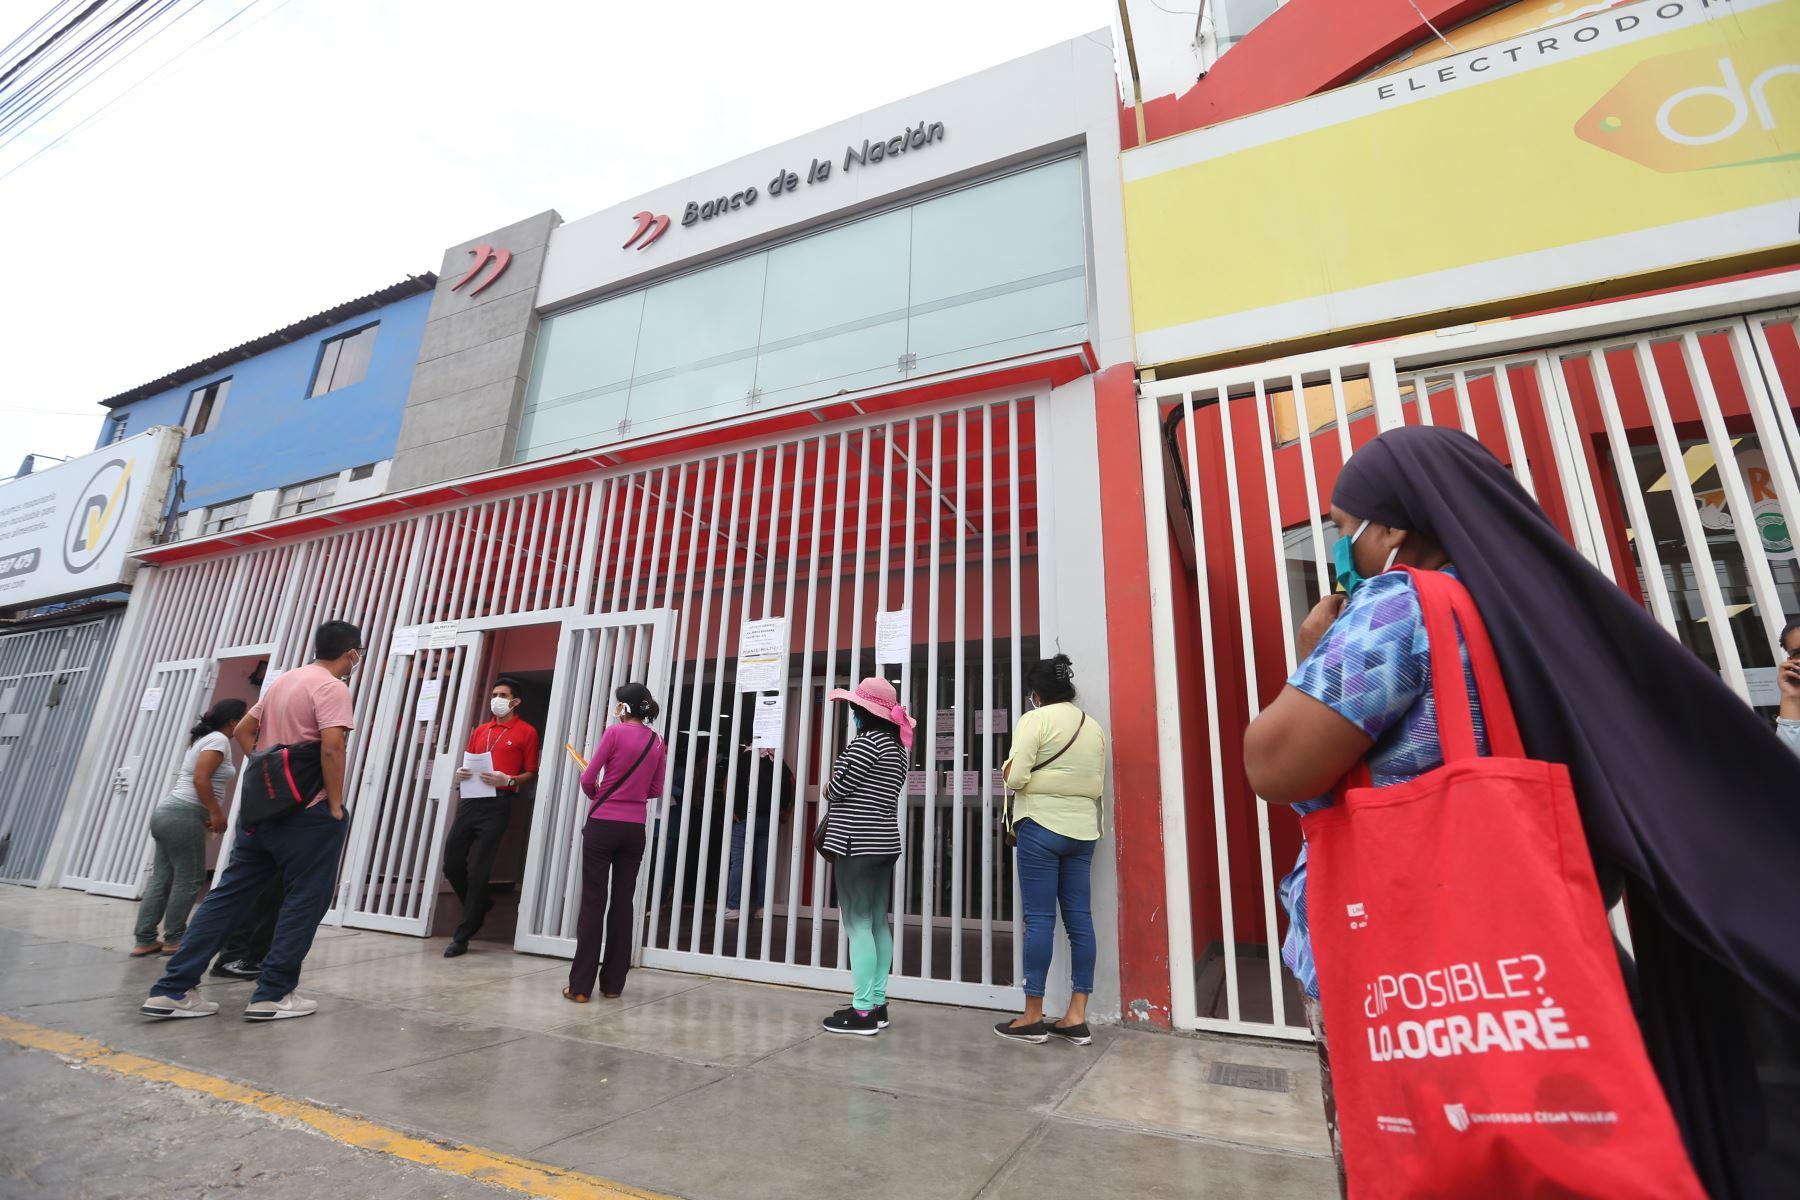 Ciudadanos beneficiarios del bono de 380 soles otorgado por el Estado se acercaron a las agencias del Banco de la Nación a cobrar el subsidio. Foto: ANDINA/Jhonel Rodríguez Robles